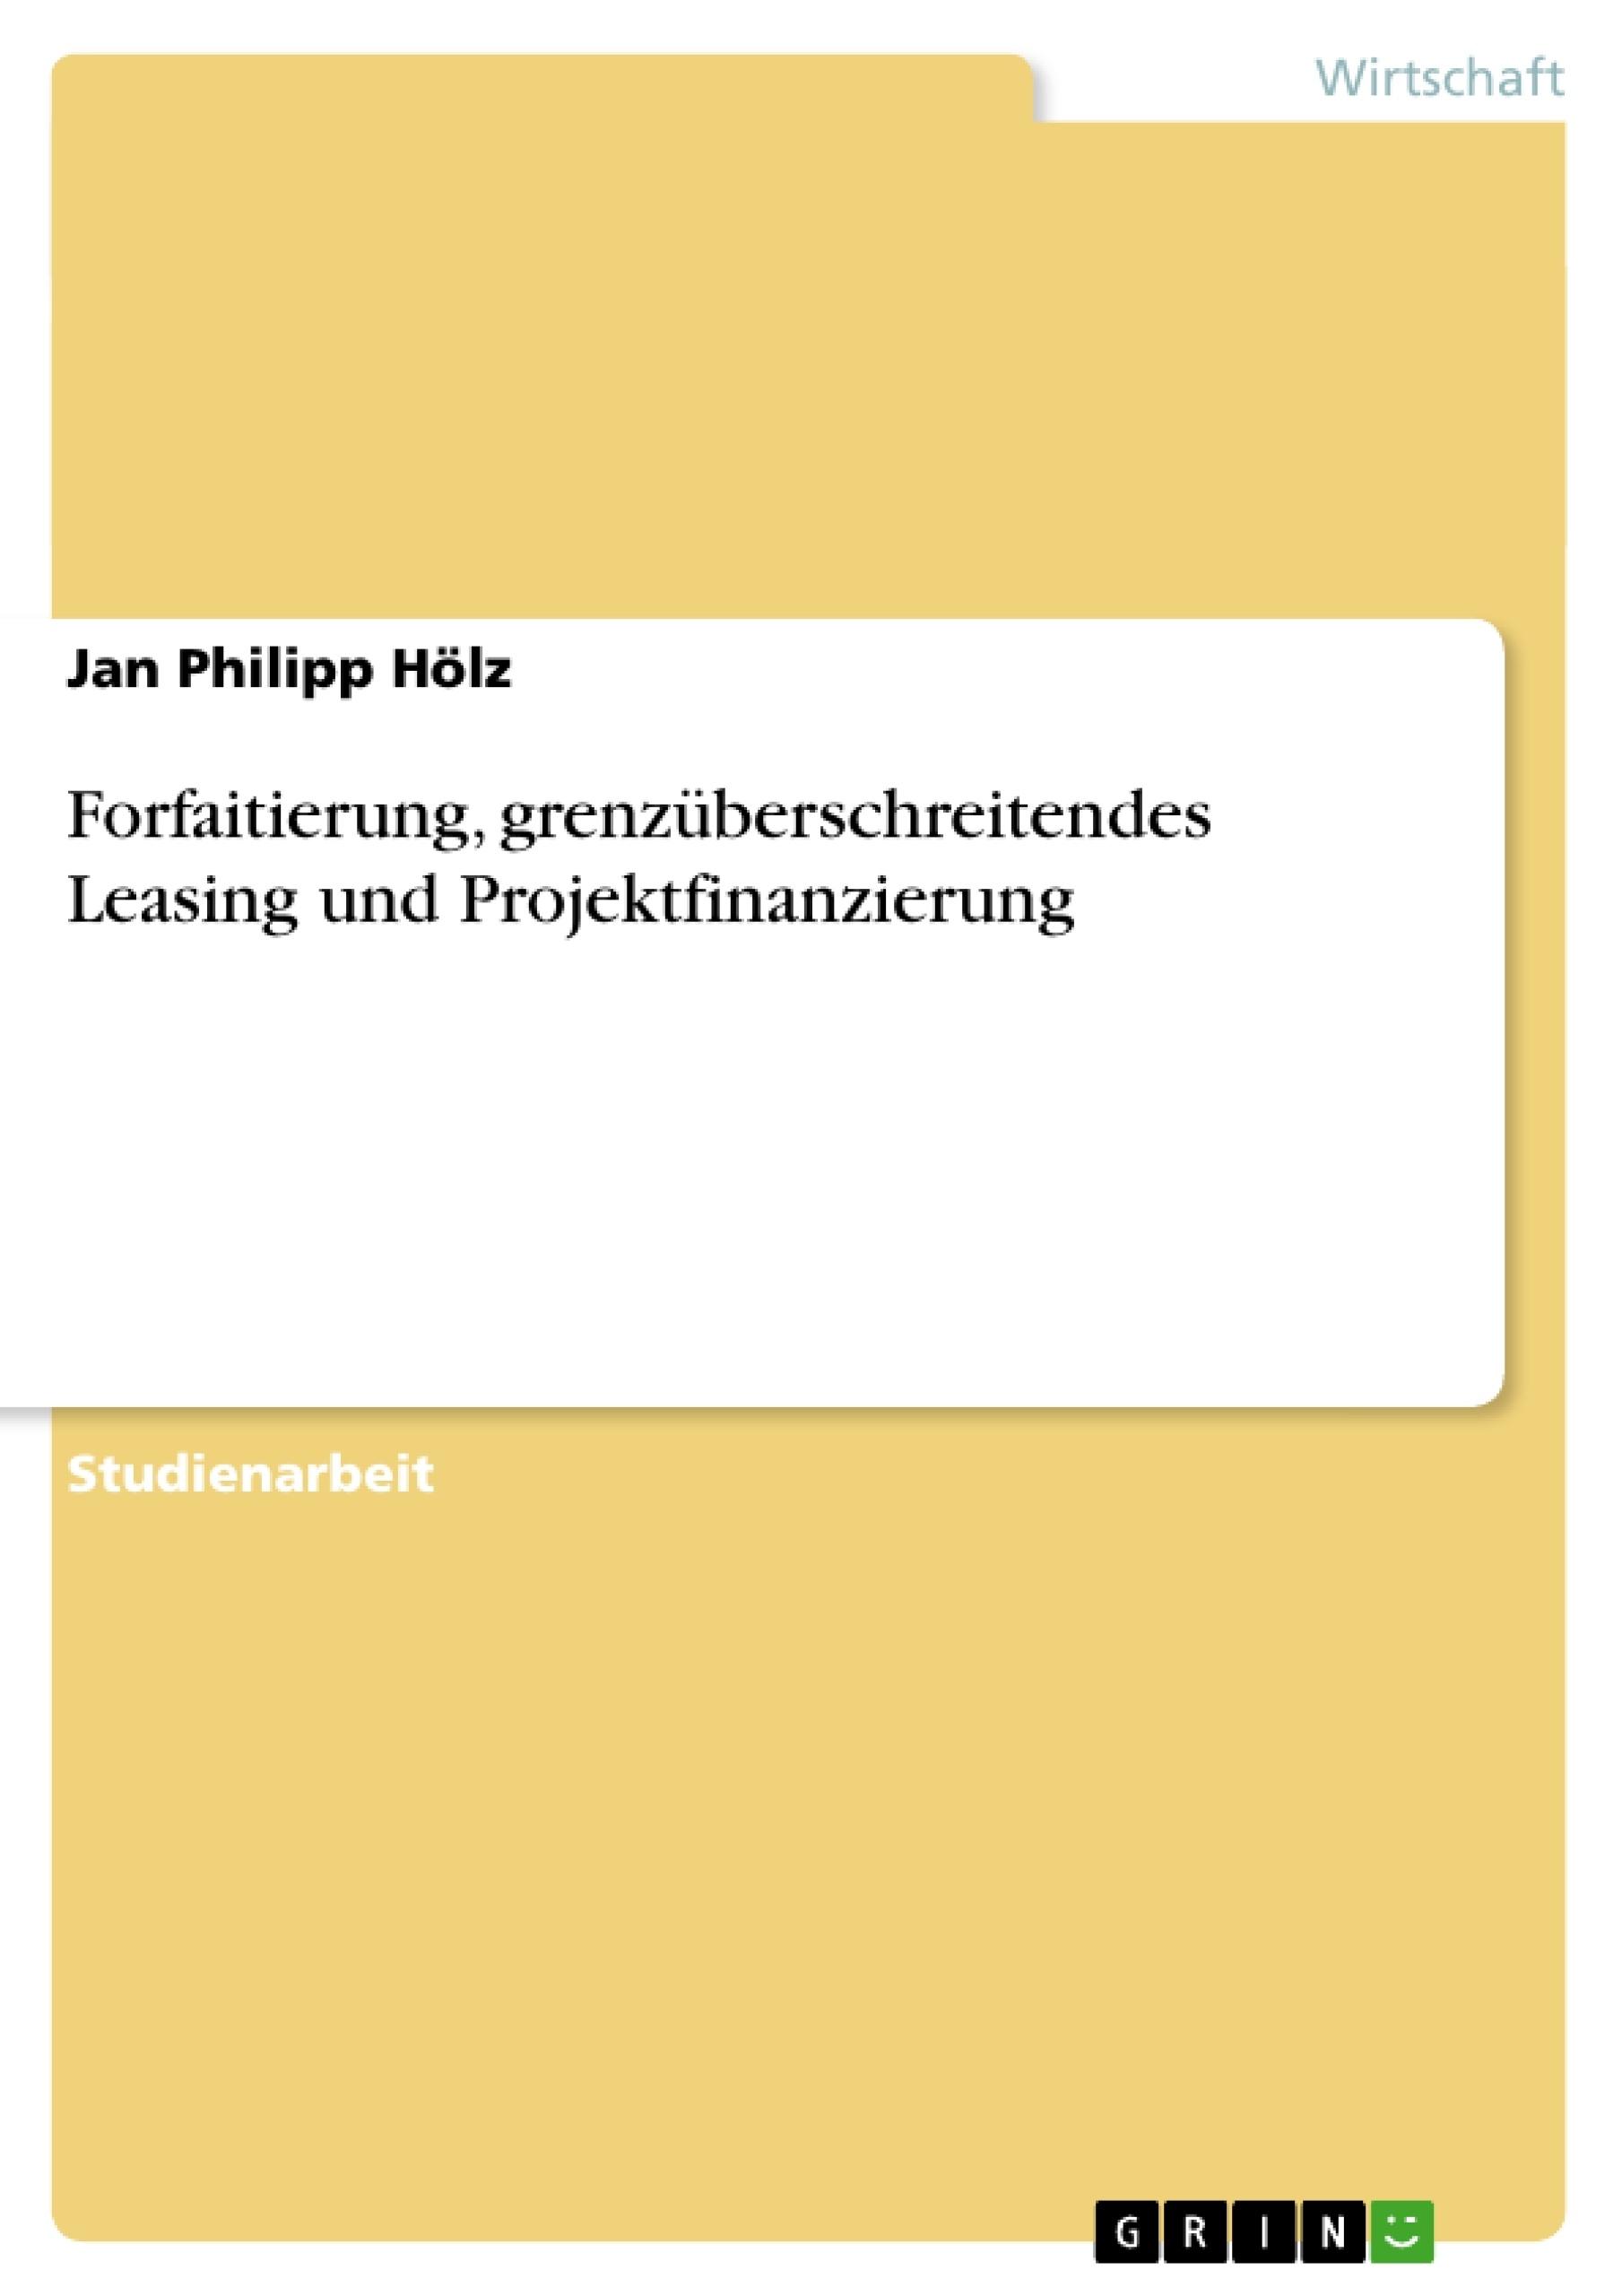 Titel: Forfaitierung, grenzüberschreitendes Leasing und Projektfinanzierung